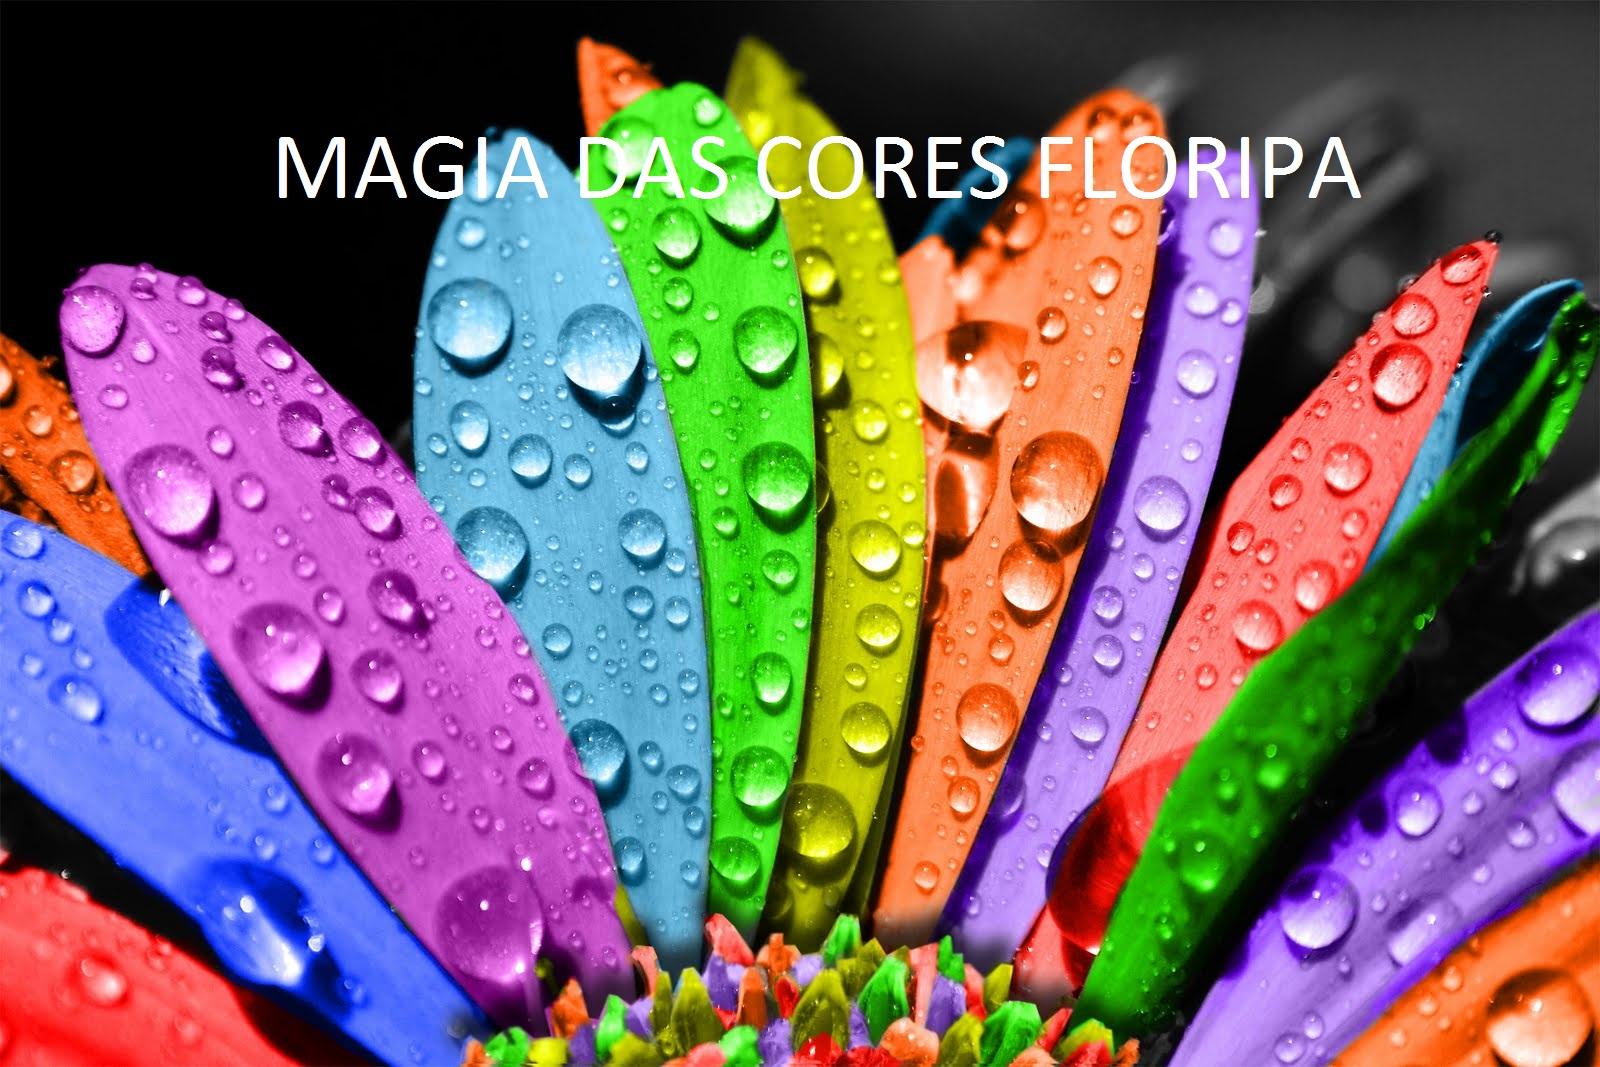 Magia das Cores Floripa